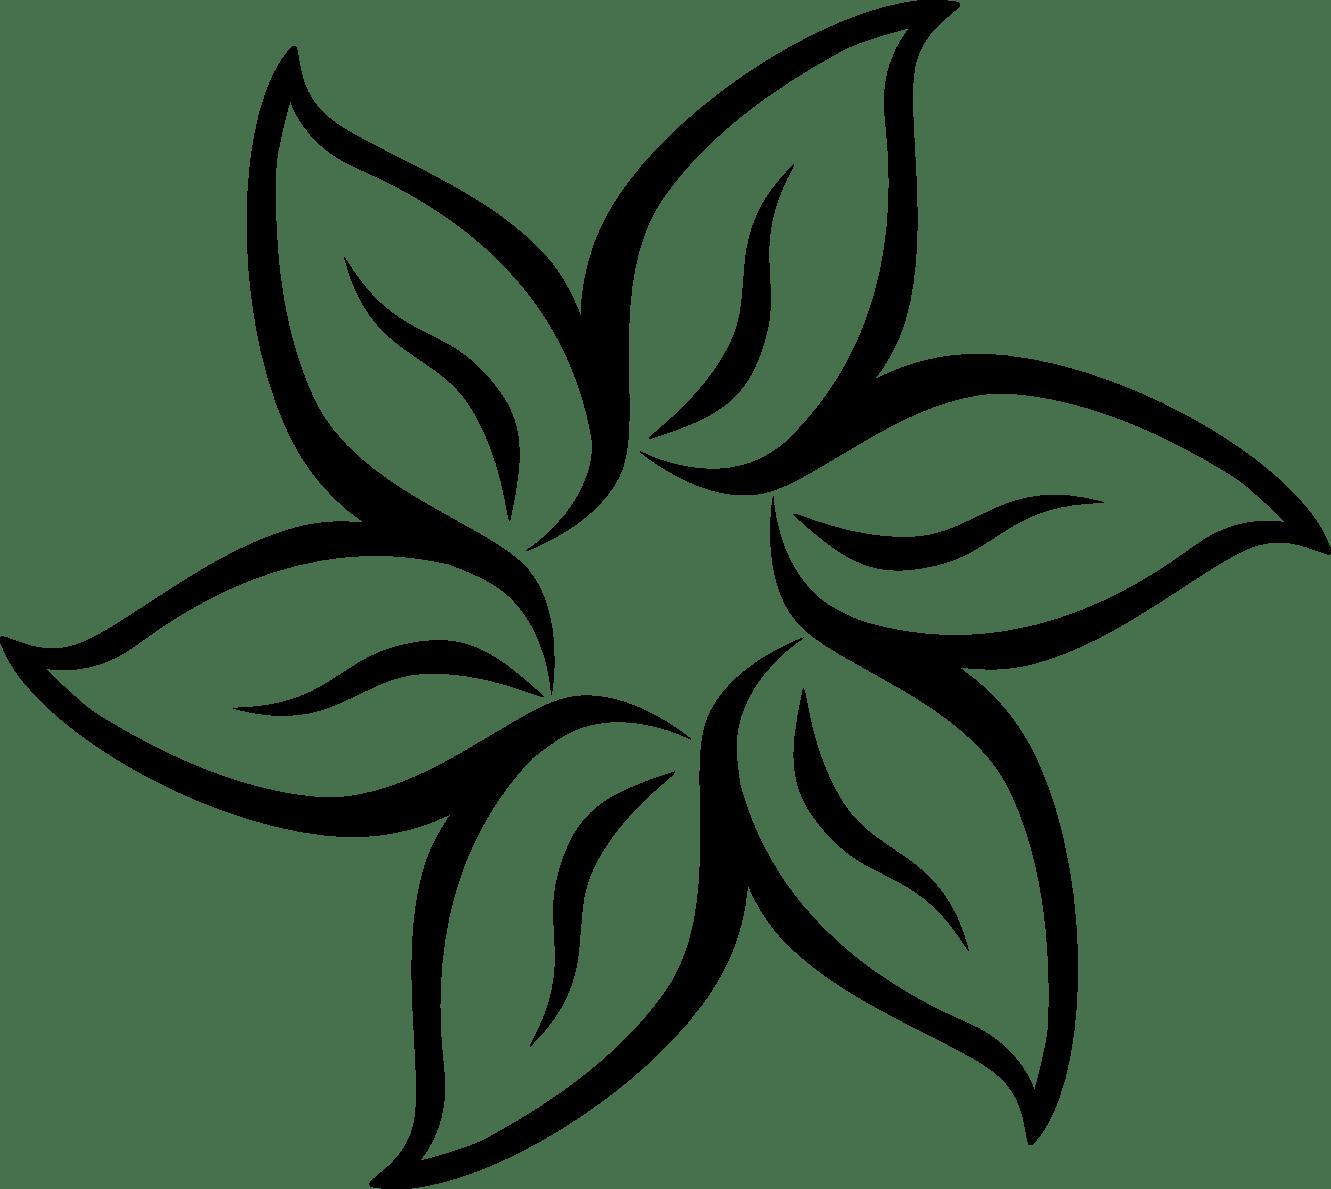 Vector Flower Graphics